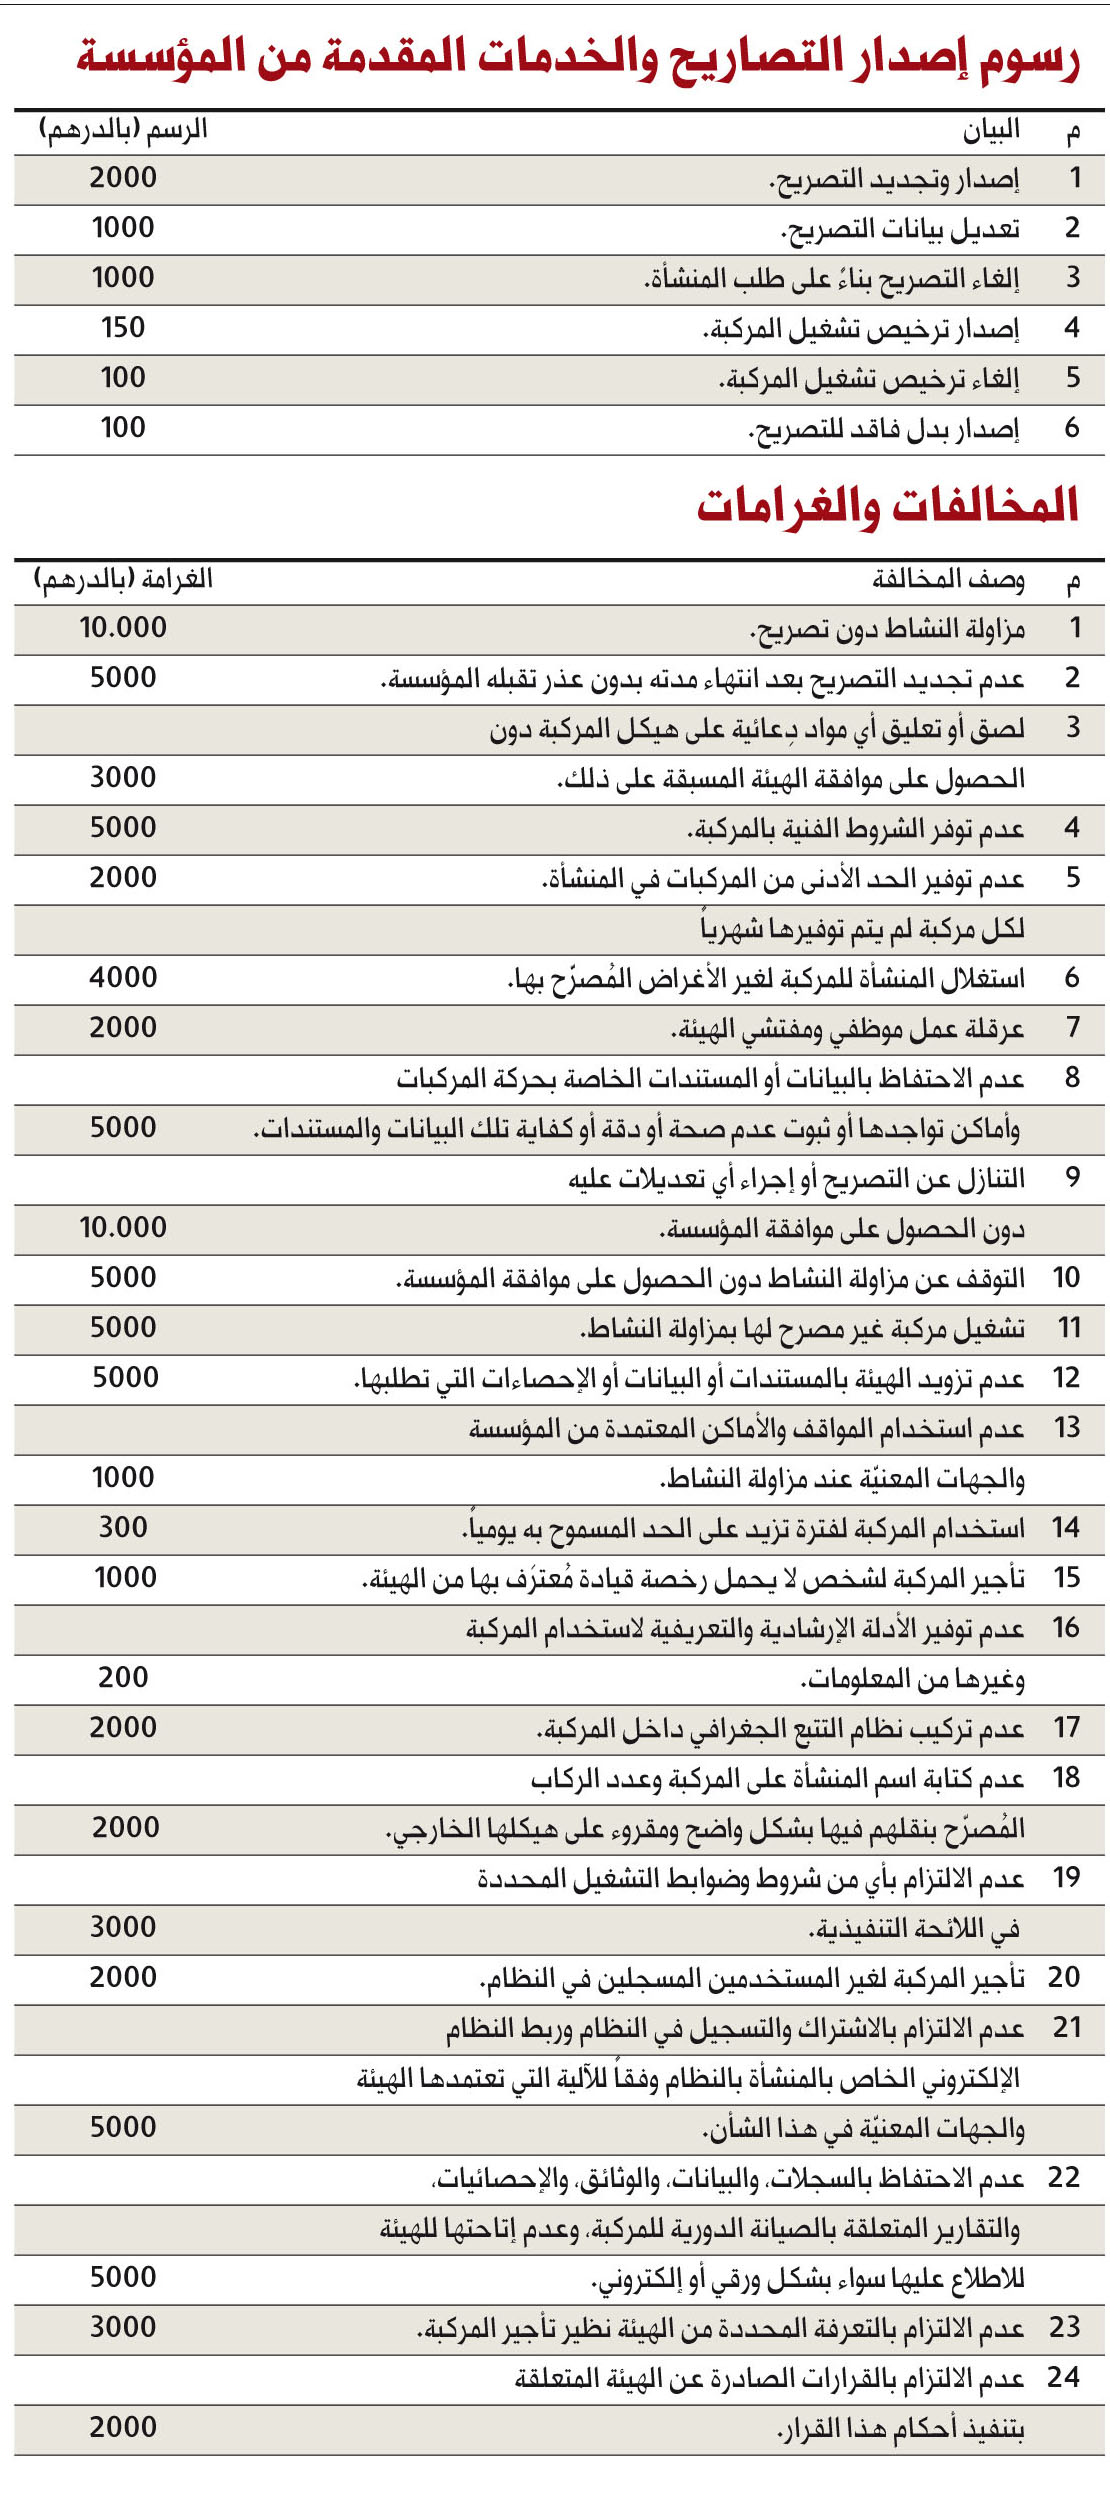 تنظيم تأجير المركبات بالساعات في دبي  تنظيم تأجير المركبات بالساعات في دبي